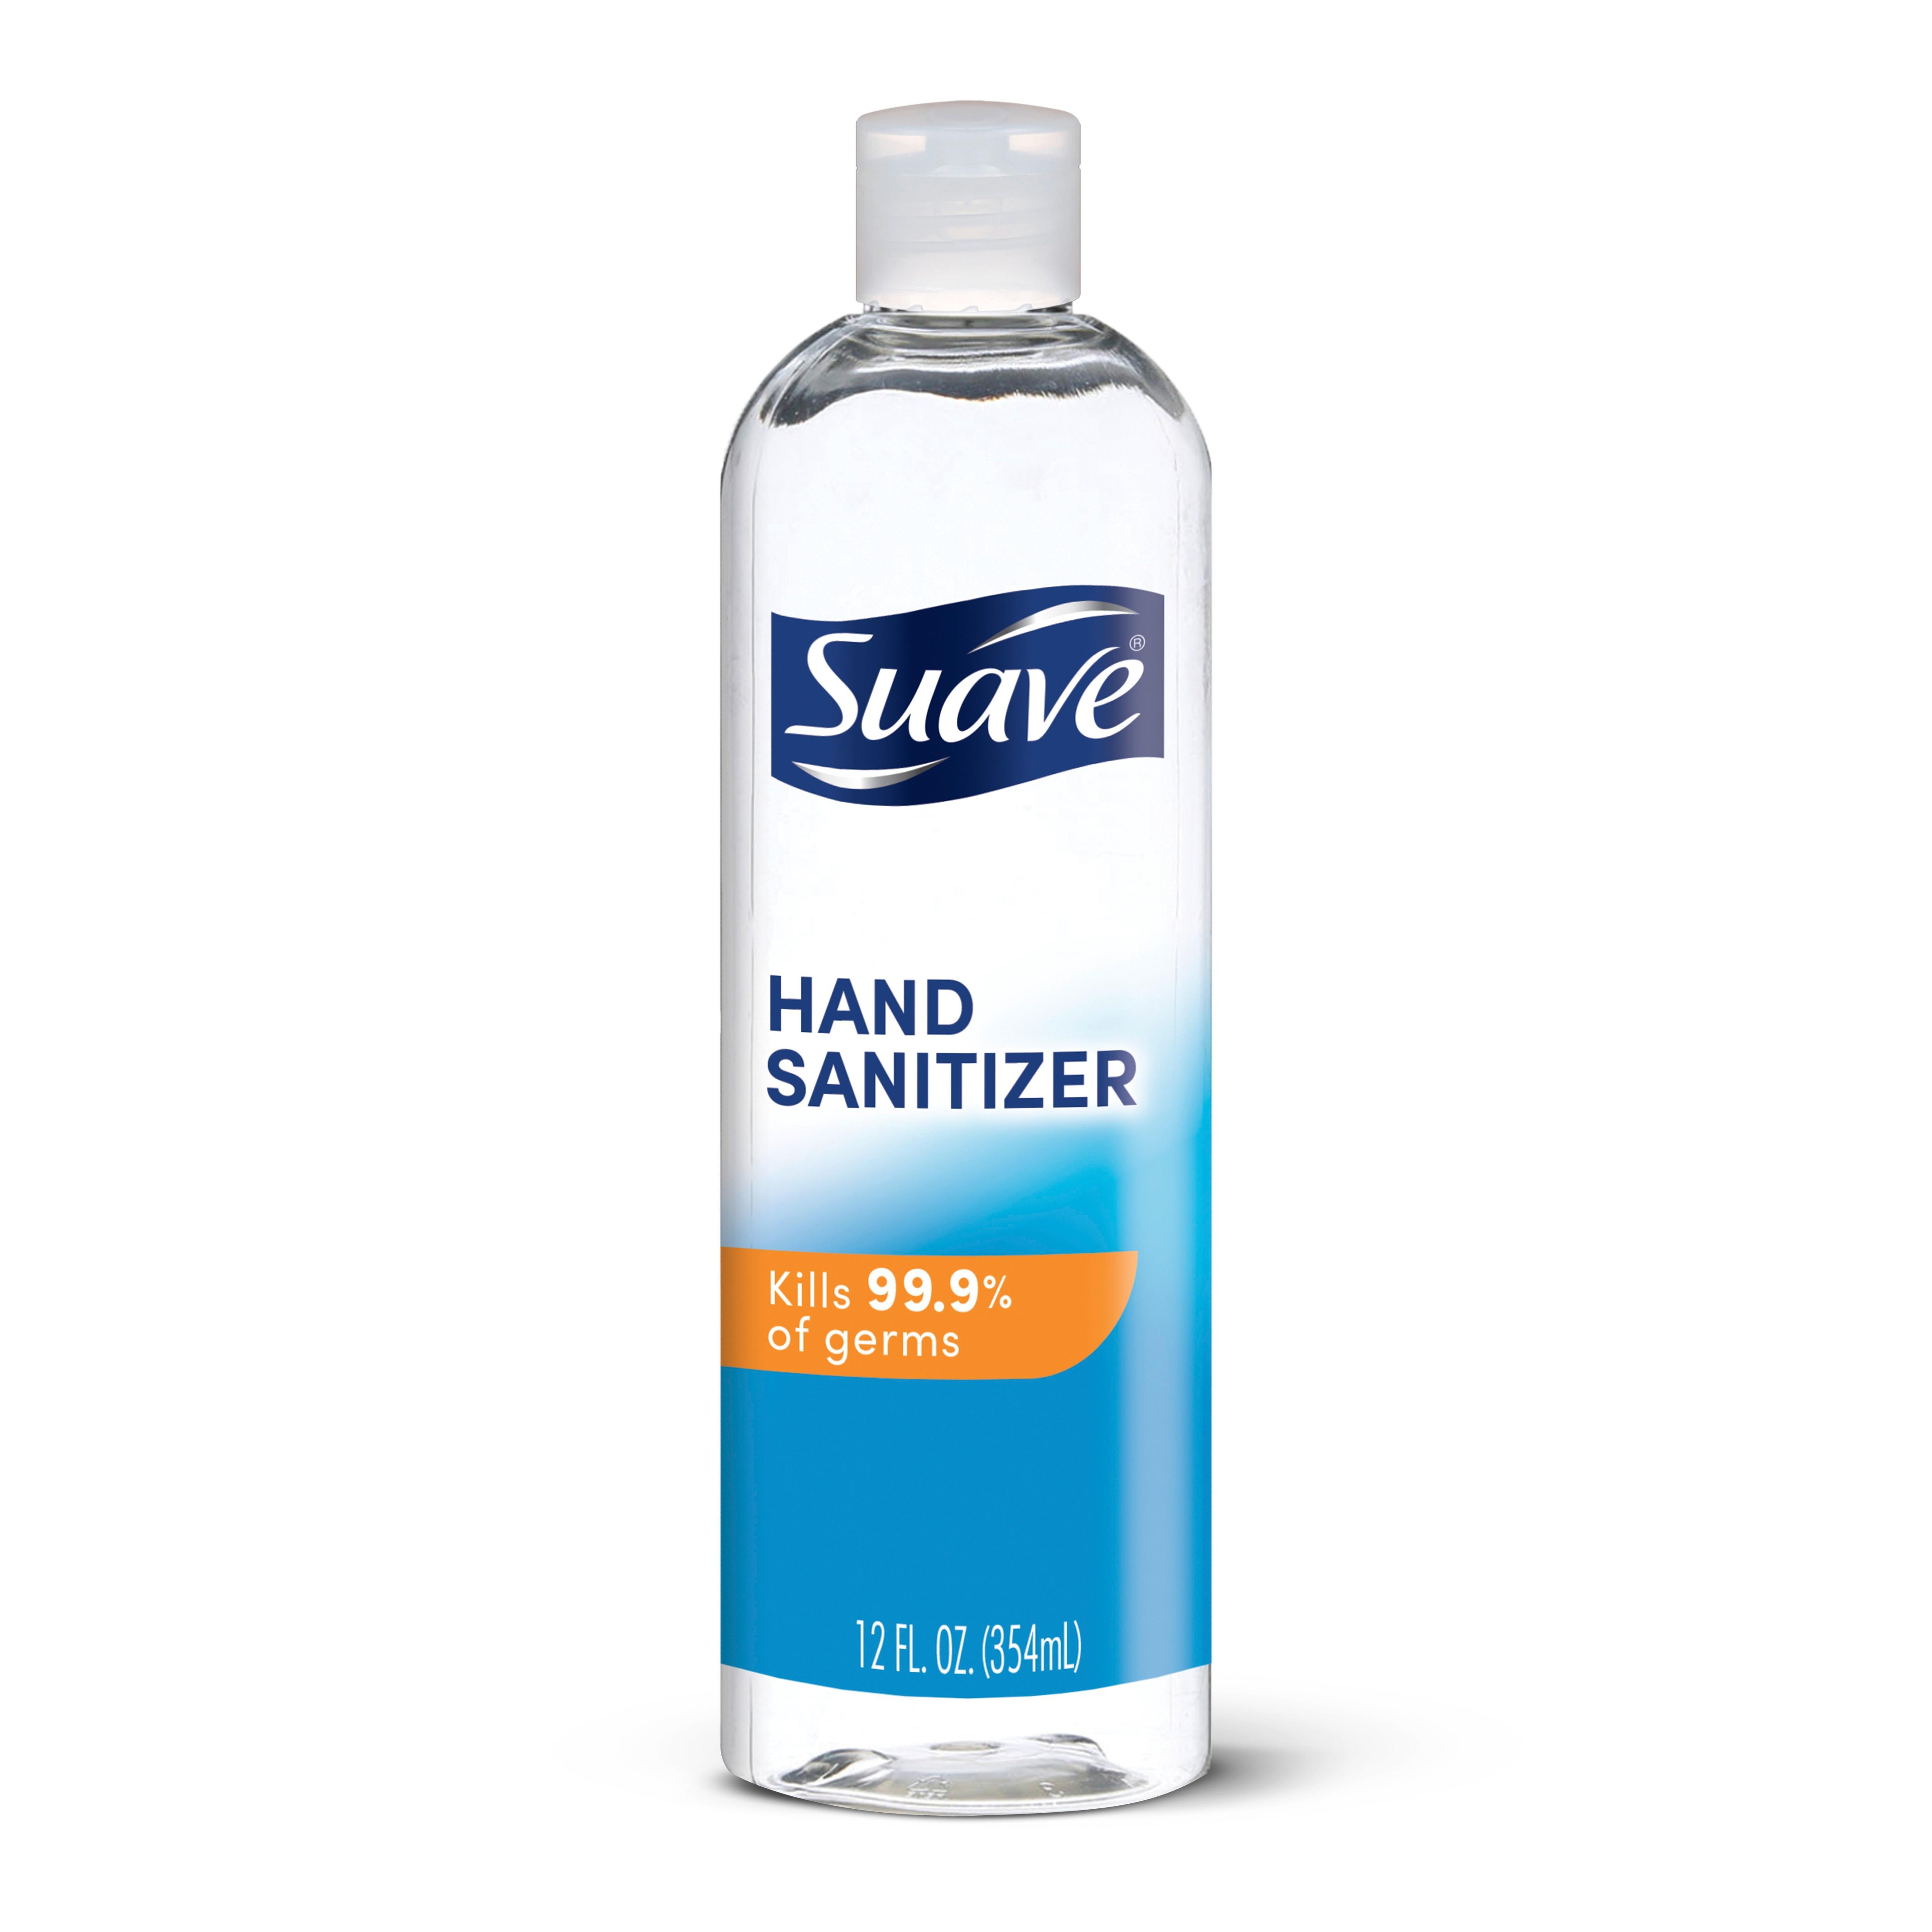 Suave Hand Sanitizer, 15,/2,593 Cases, Ext. Retail $130,428, Edwardsville, IL